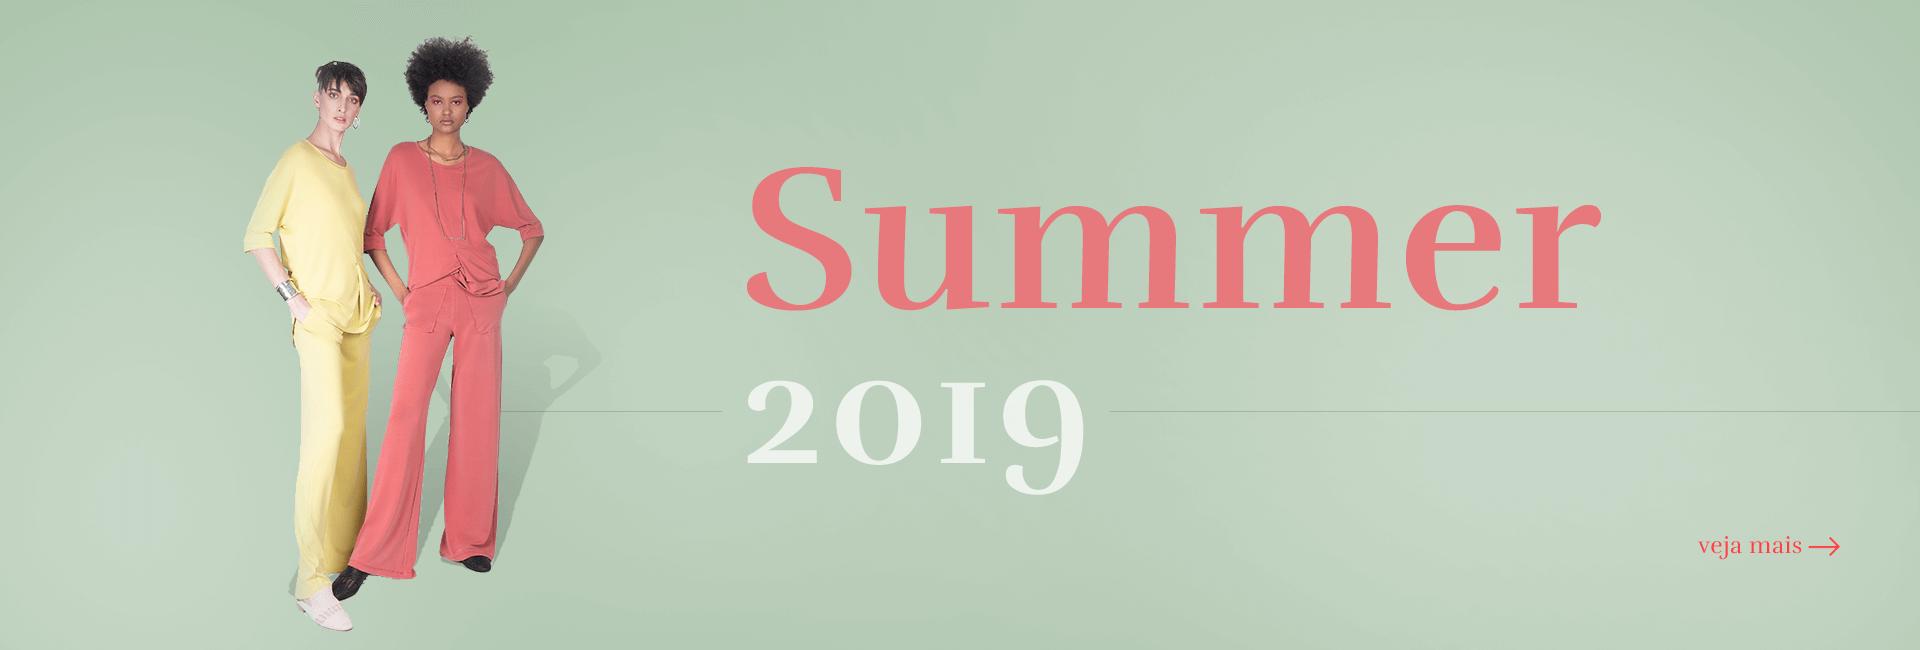 Verão 2019 - Verde